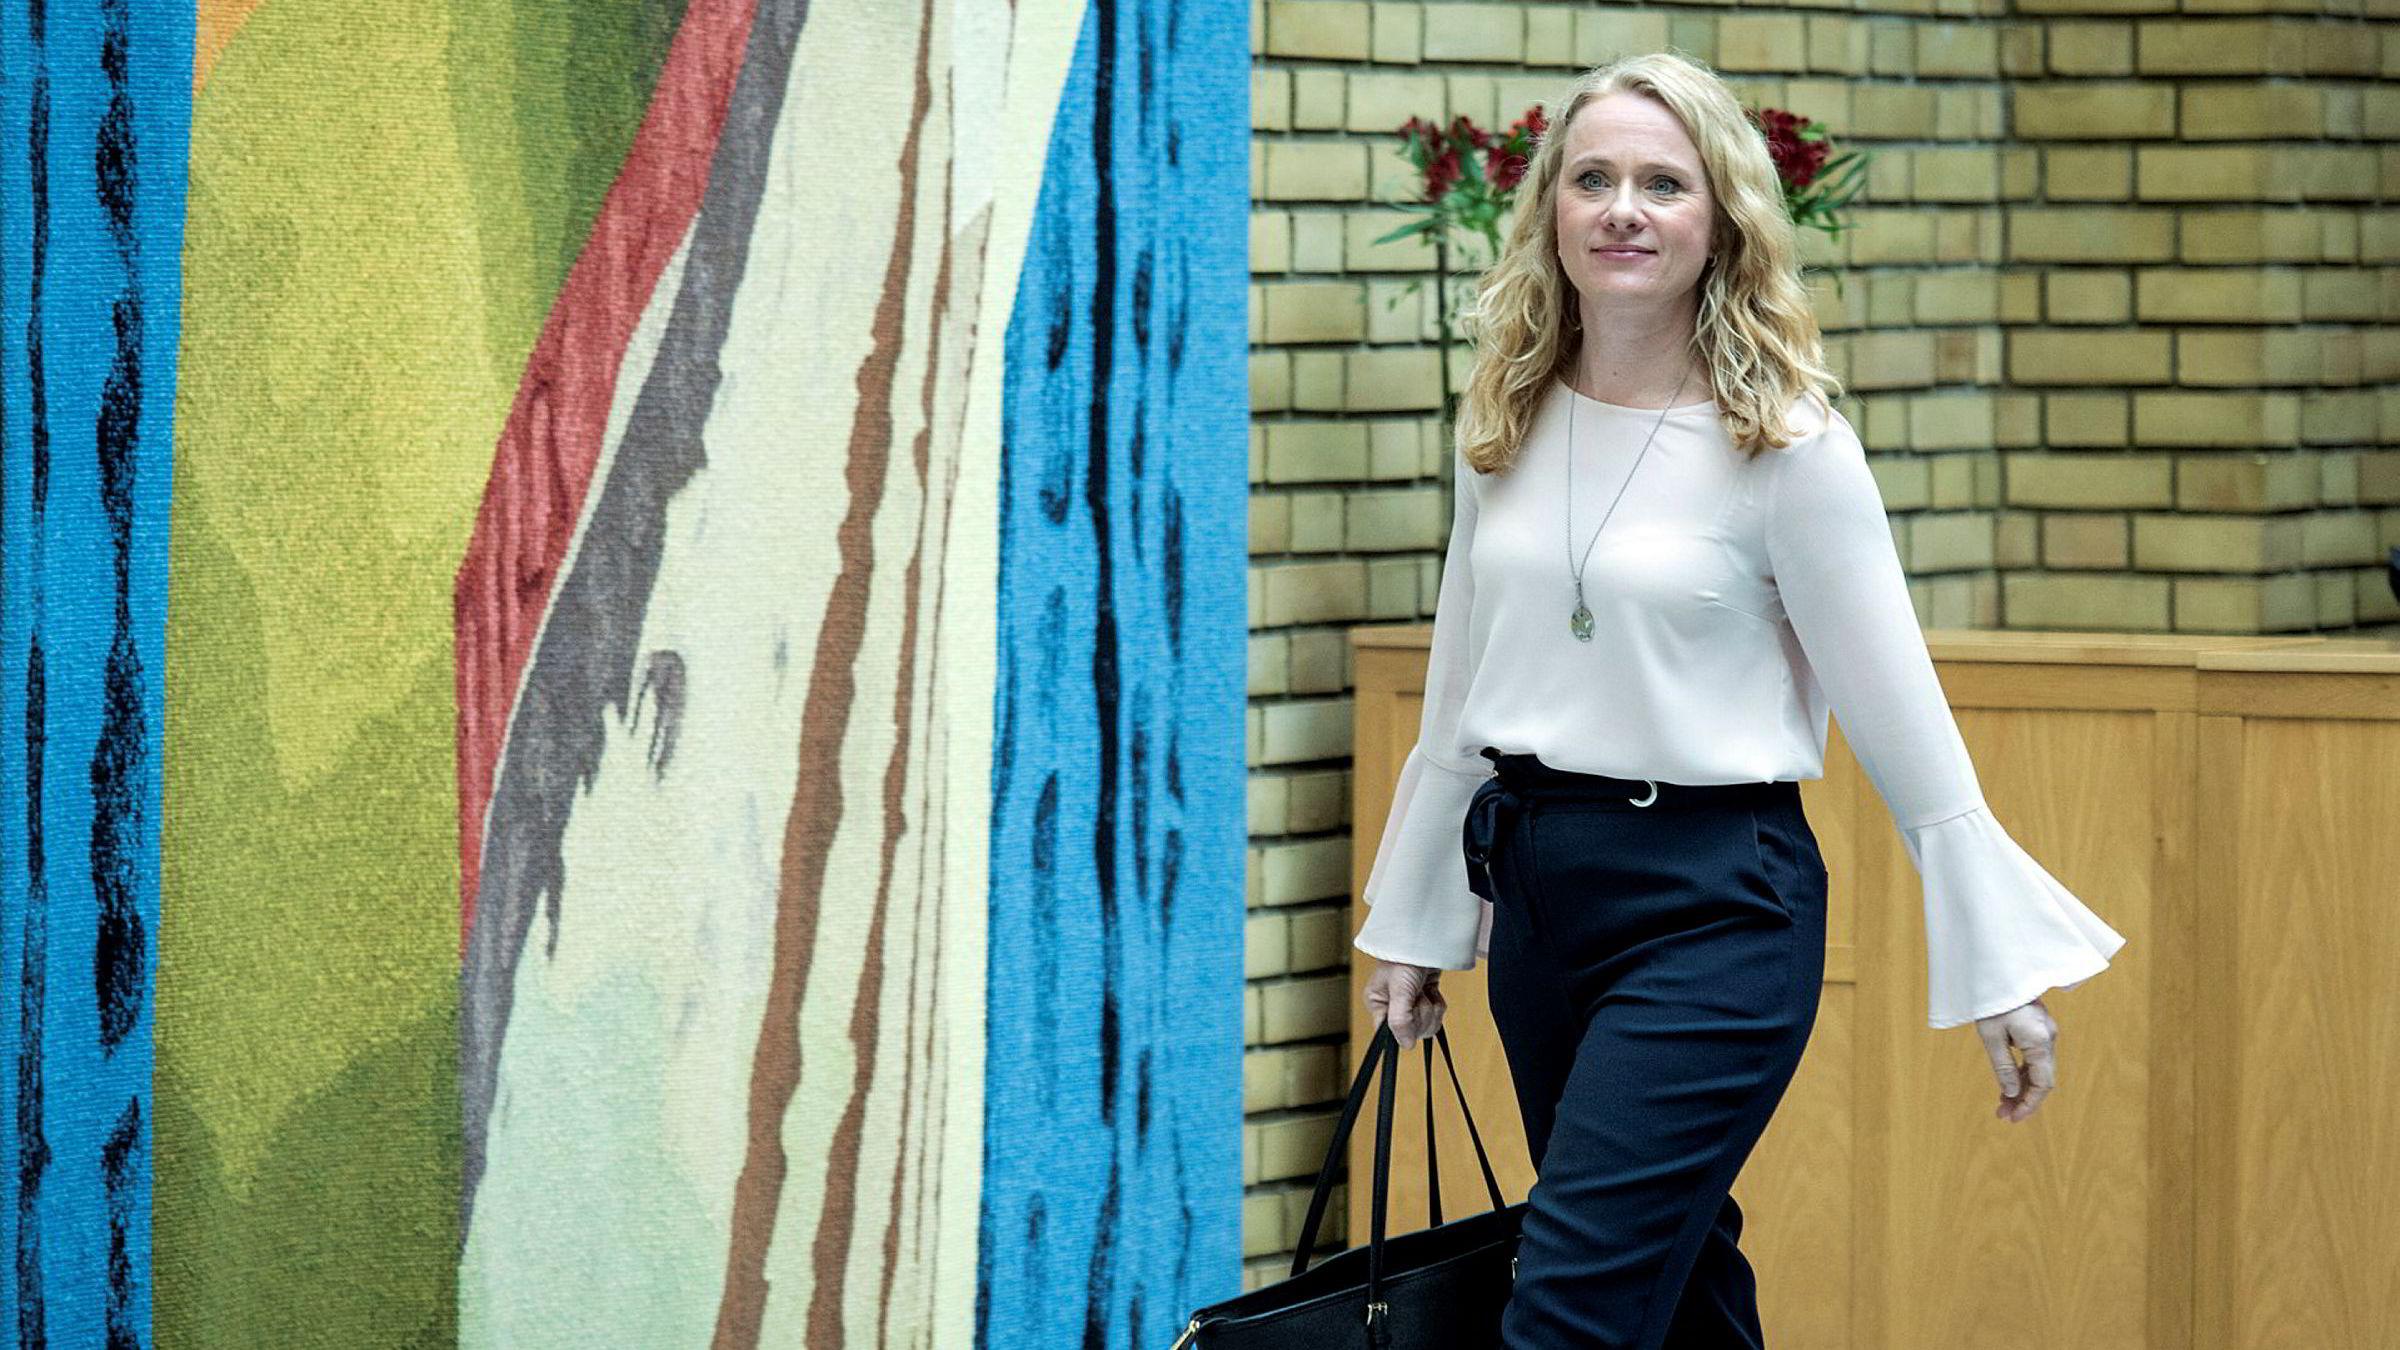 Arbeids- og sosialminister Anniken Hauglie (H) må gjennomføre nye regler for bemanningsbransjen selv om hun er uenig i dem.